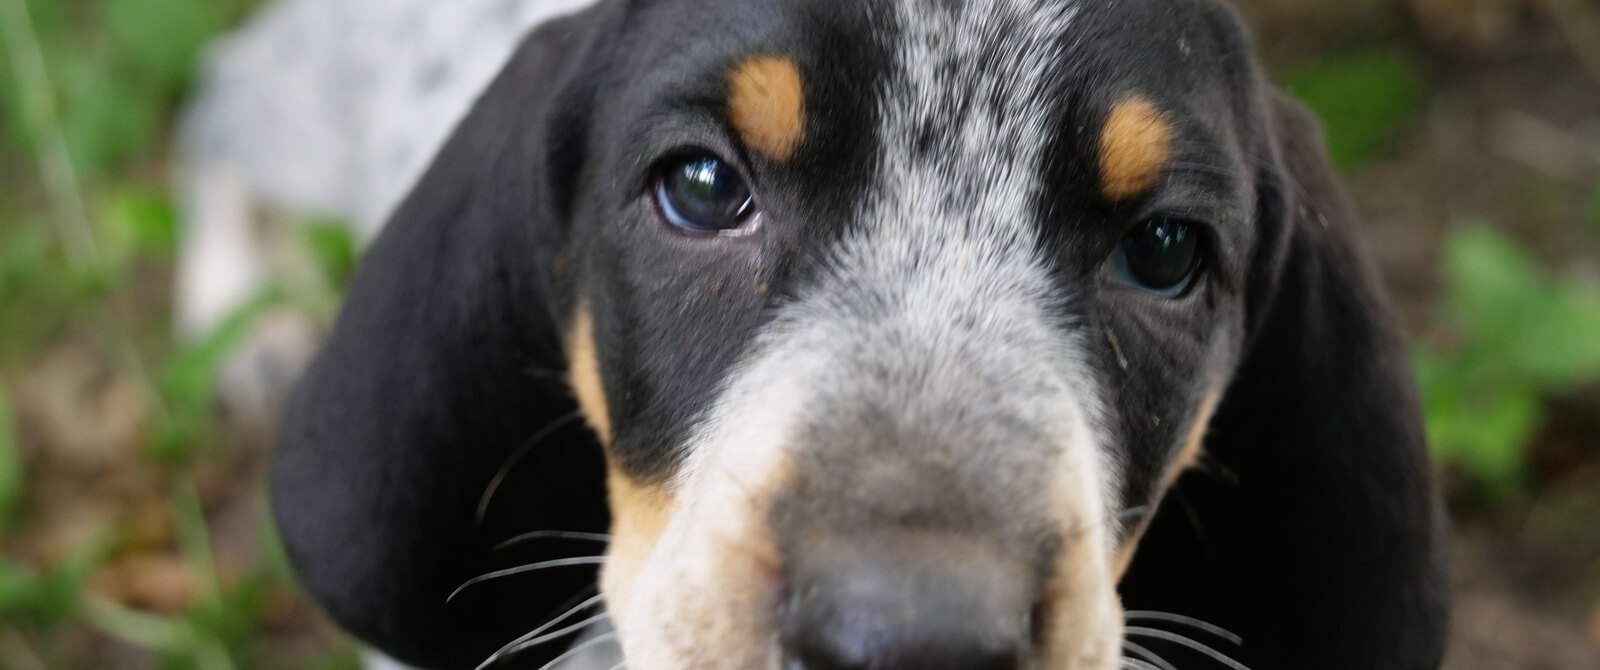 Šunų veislės, rodytos laidoje